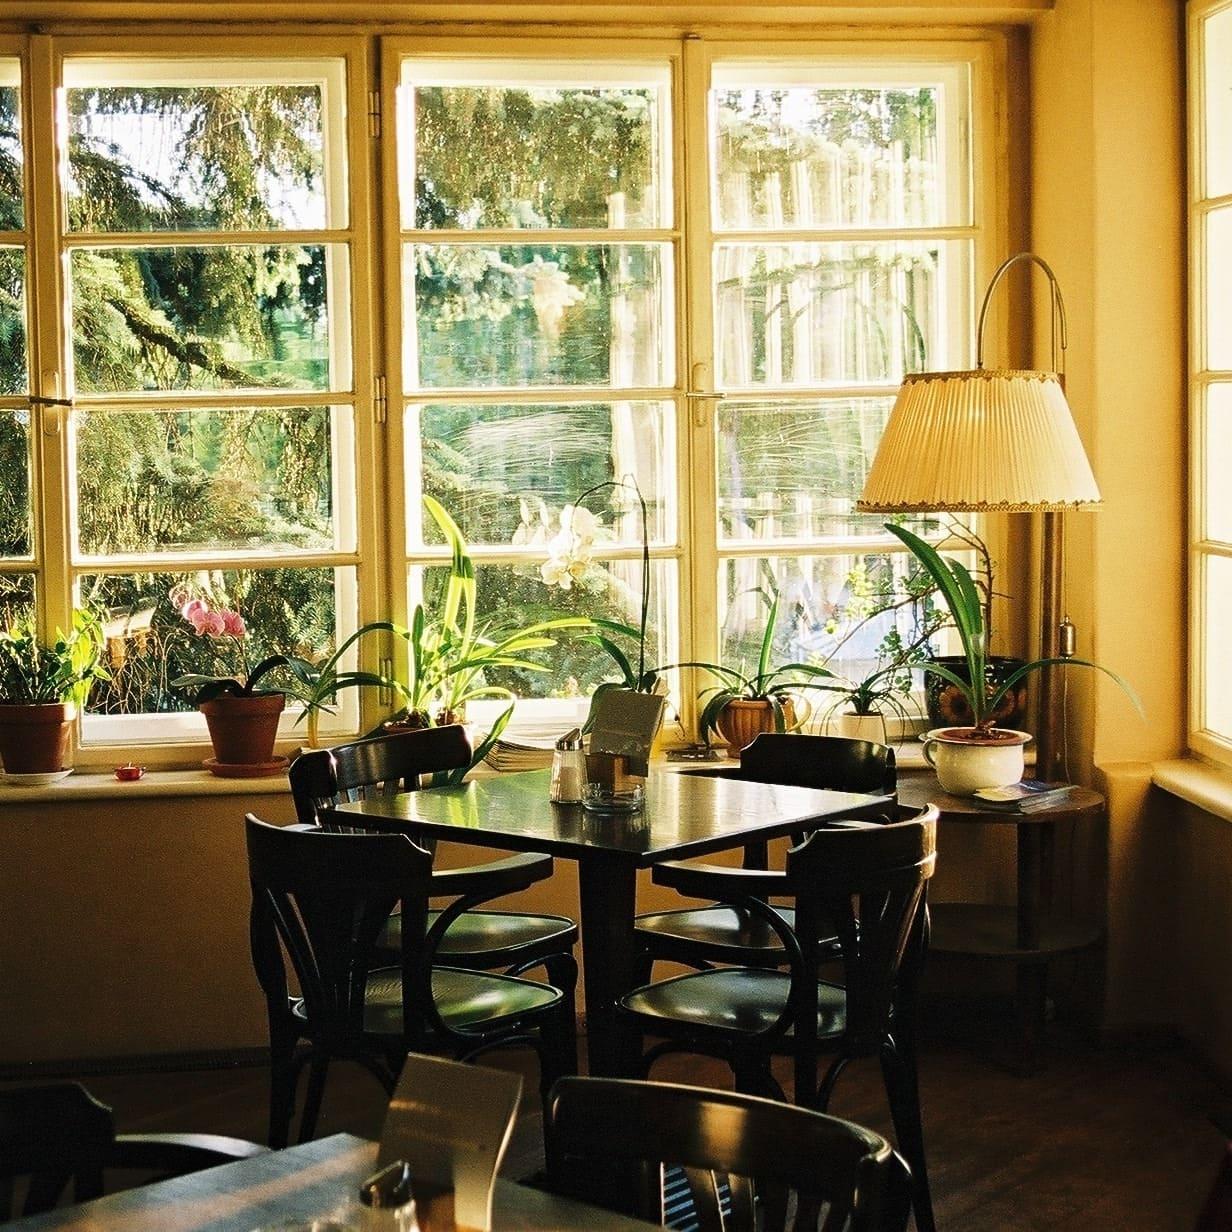 ein eckiger Tisch mit vier Stühlen am Fenster im Lendhafencafé, Grünpflanzen im Fenster, in der Ecke eine Stehlampe mit Stoffbezug